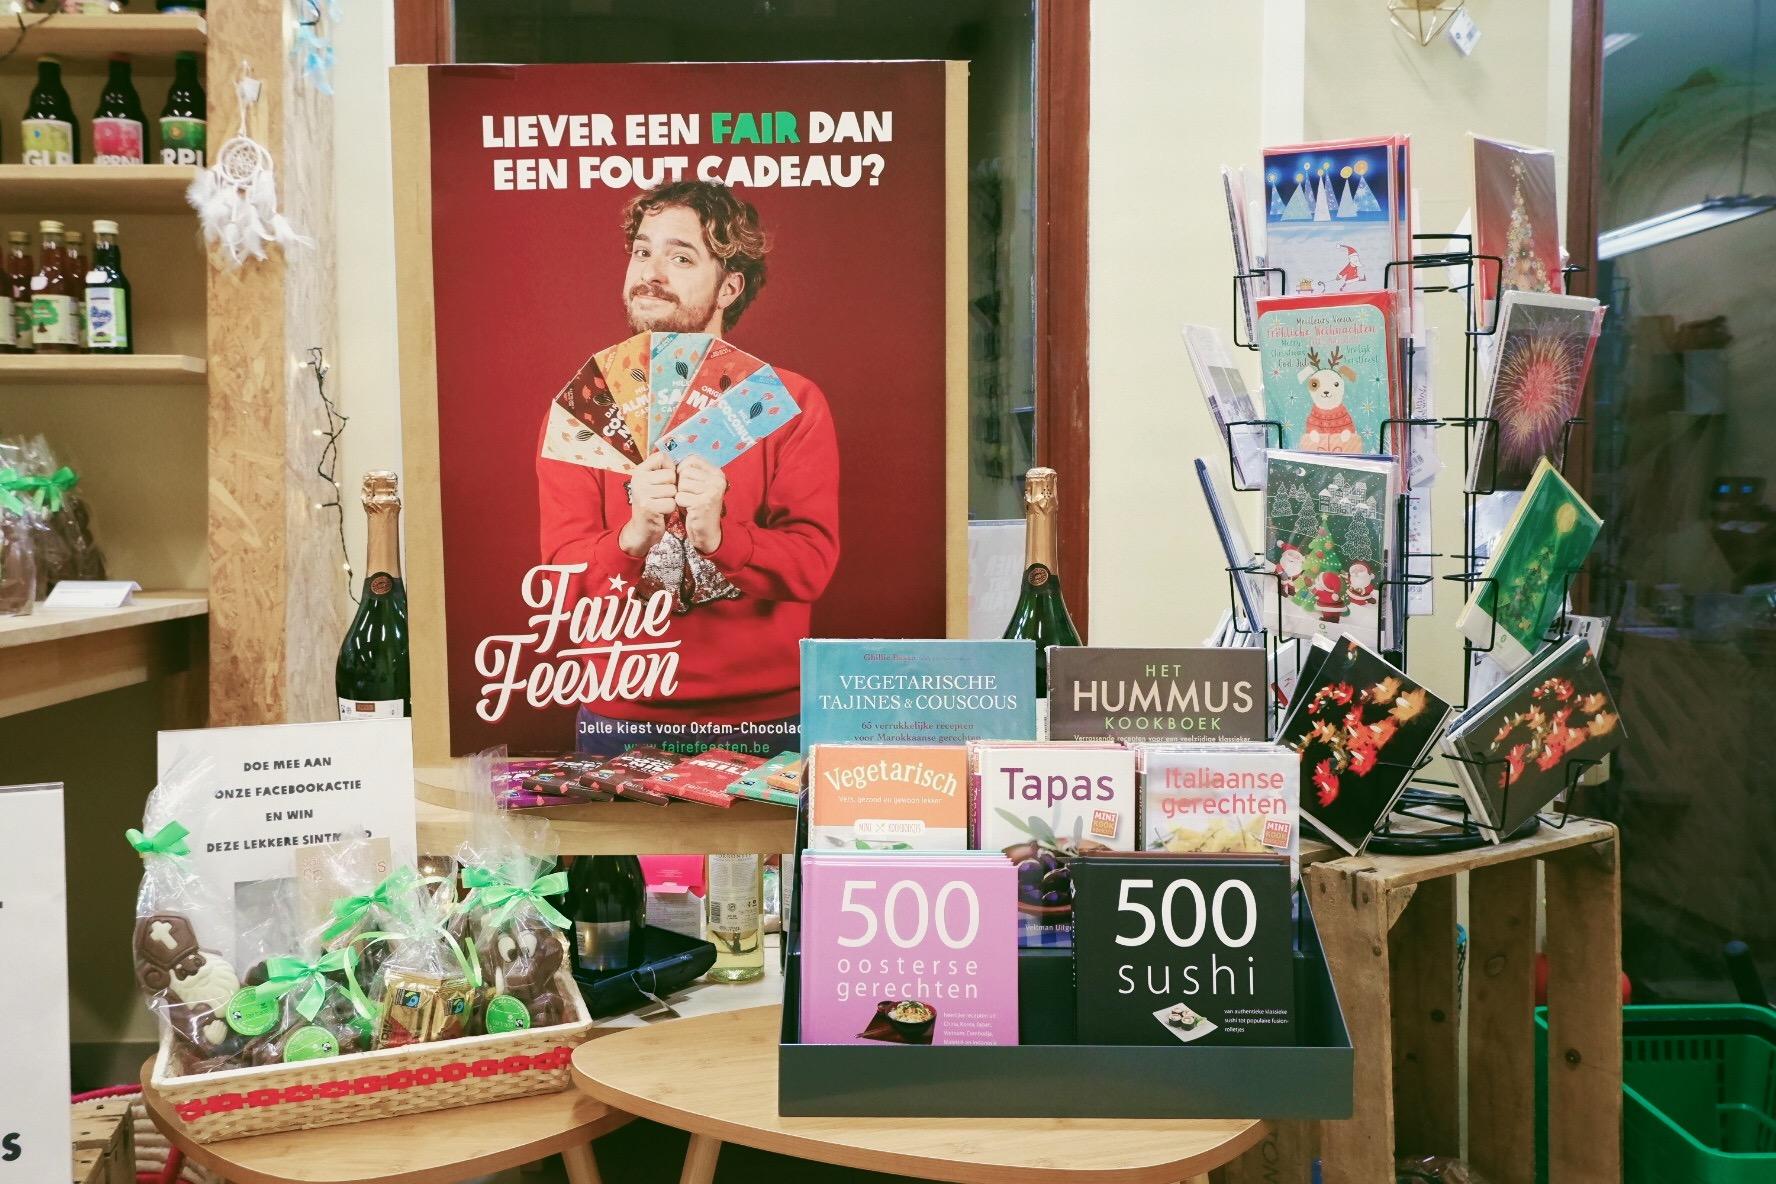 Op eerlijke cadeauzoektocht bij Oxfam Wereldwinkel in Hasselt 2